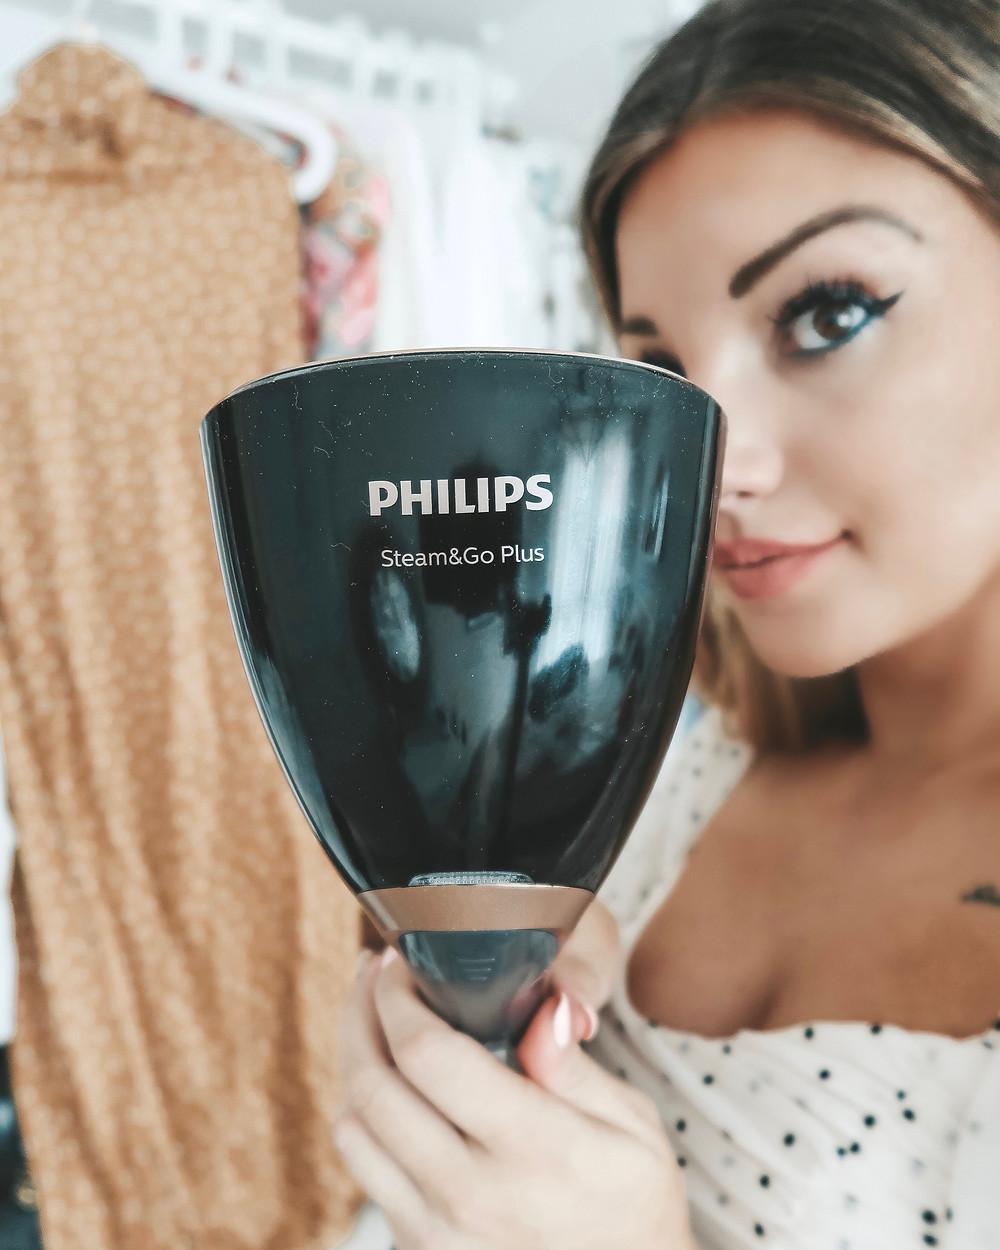 philips steam&go plus